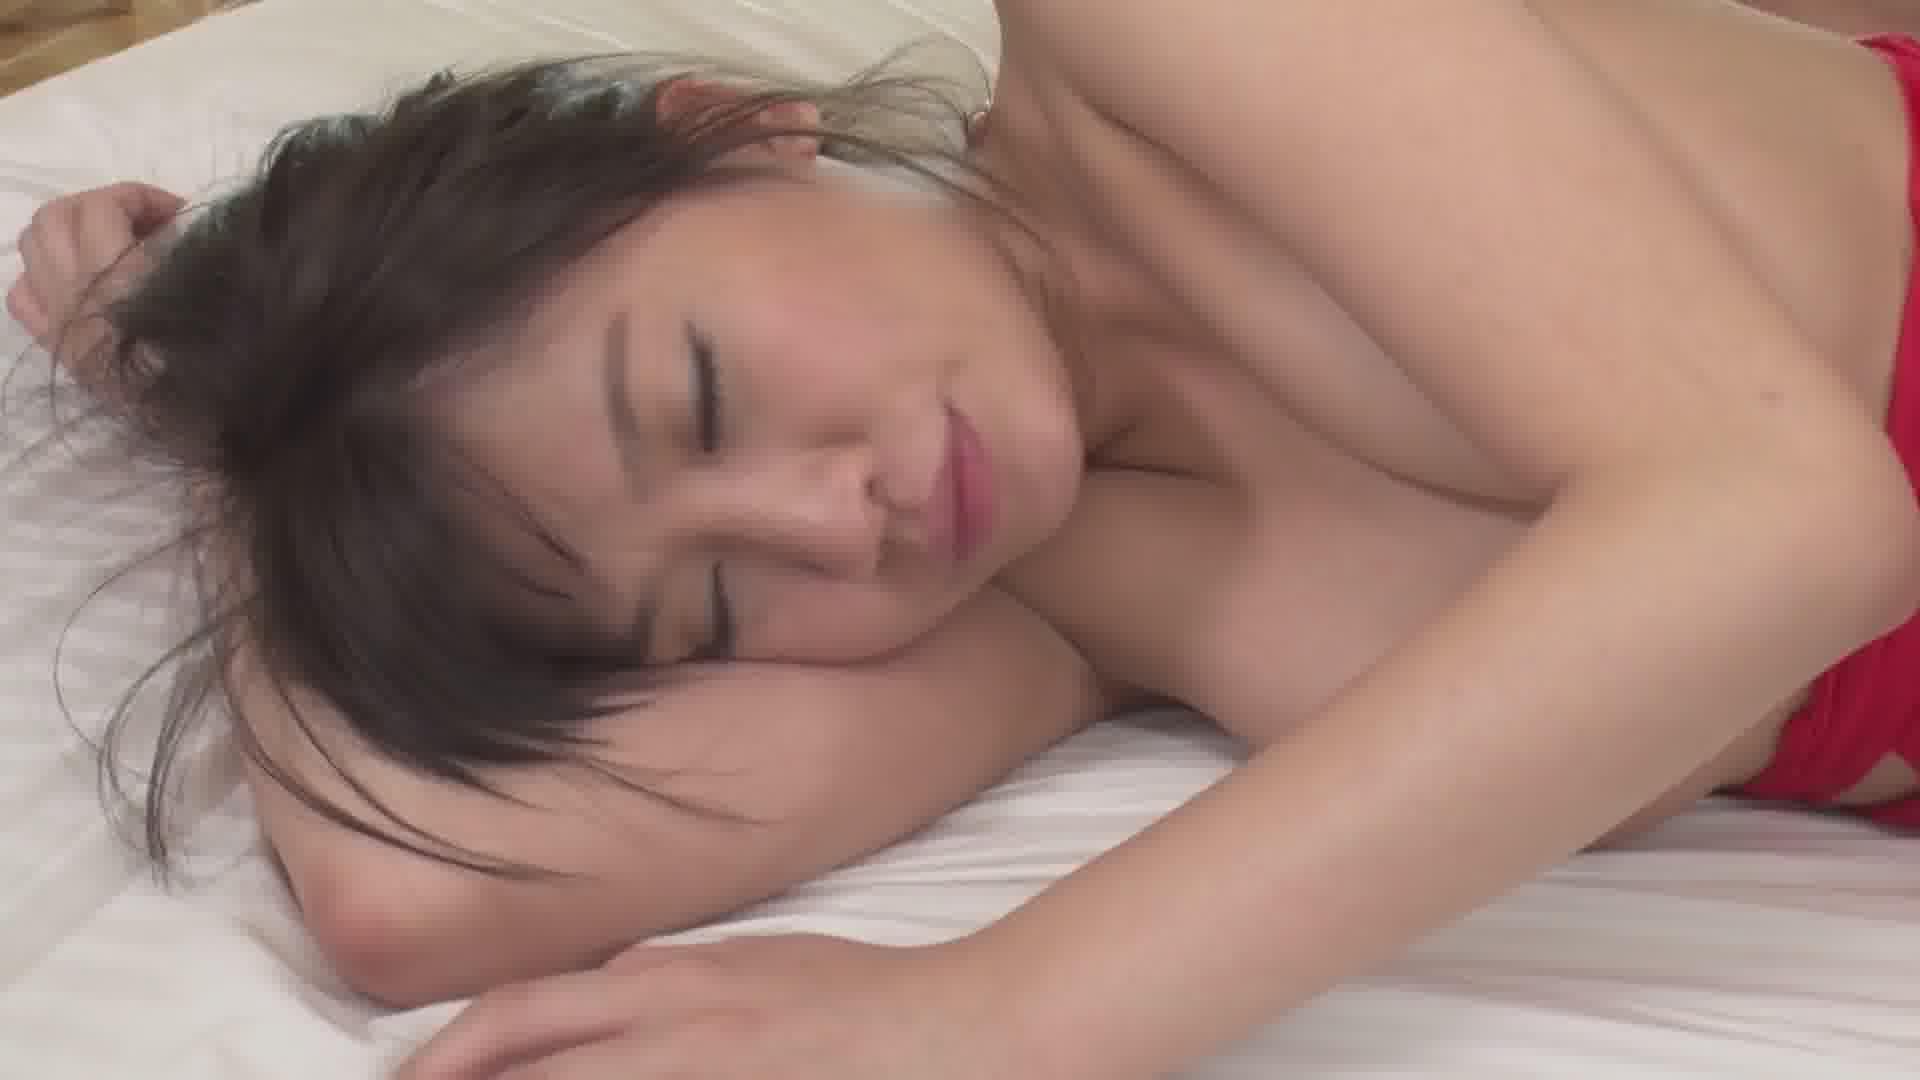 くわえたい衝動のエロカワ美女 ~喉奥いっぱいぶち込んでください~ - 仲村さり【巨乳・イラマチオ・3P】